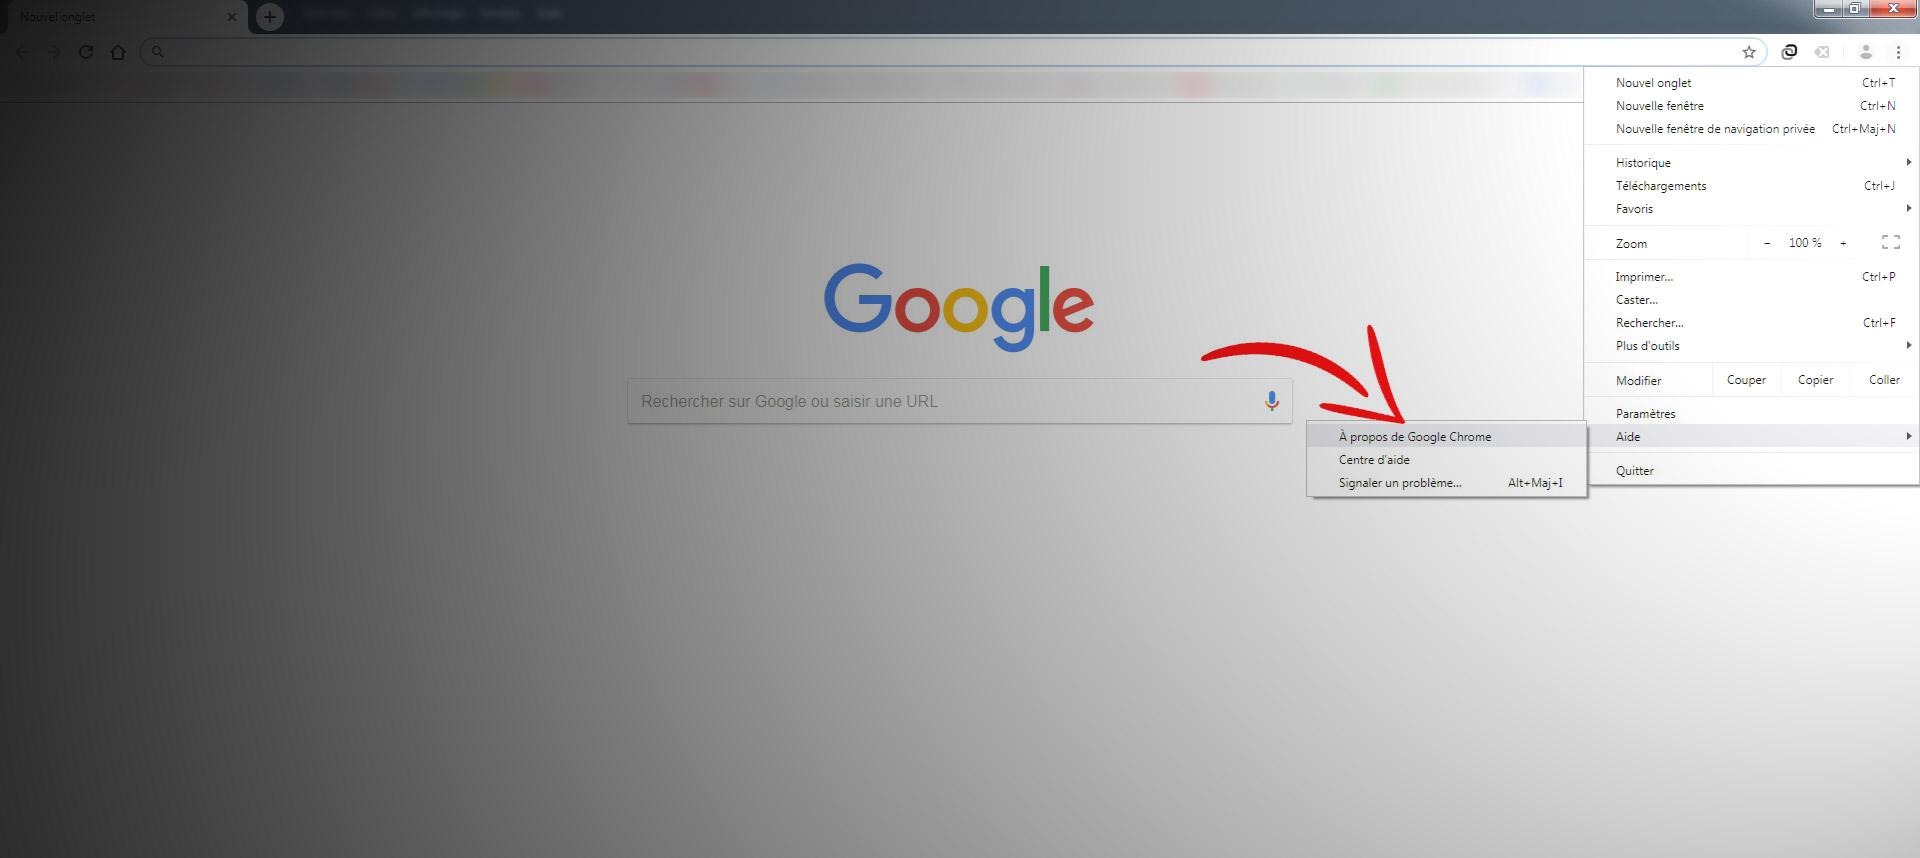 Une Faille de Sécurité sur Google Chrome: Comment se protéger